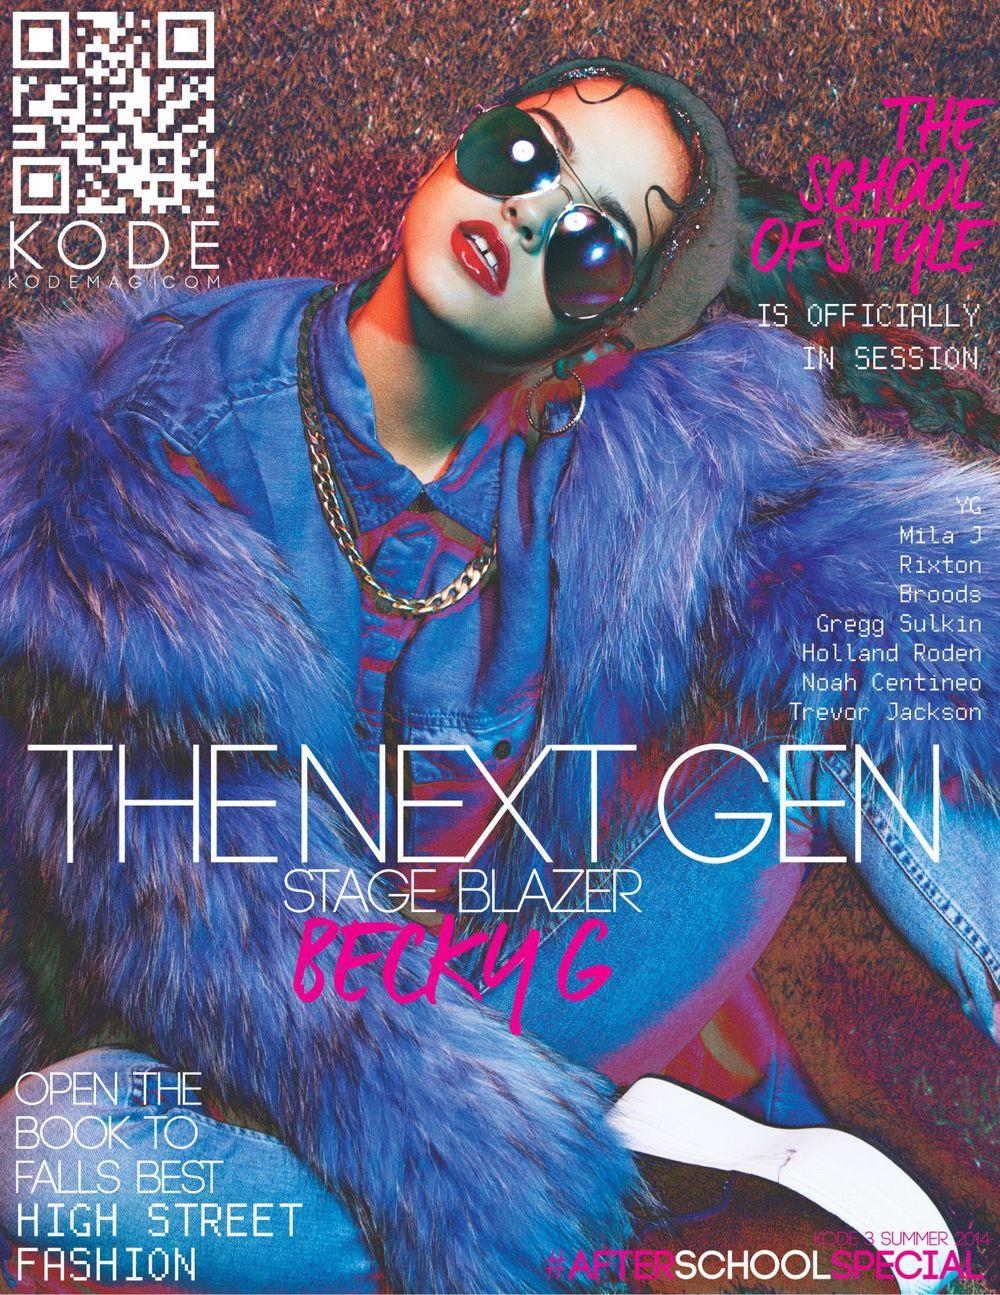 becky-g-kode-magazine-issue-3-2014-_2.jpg